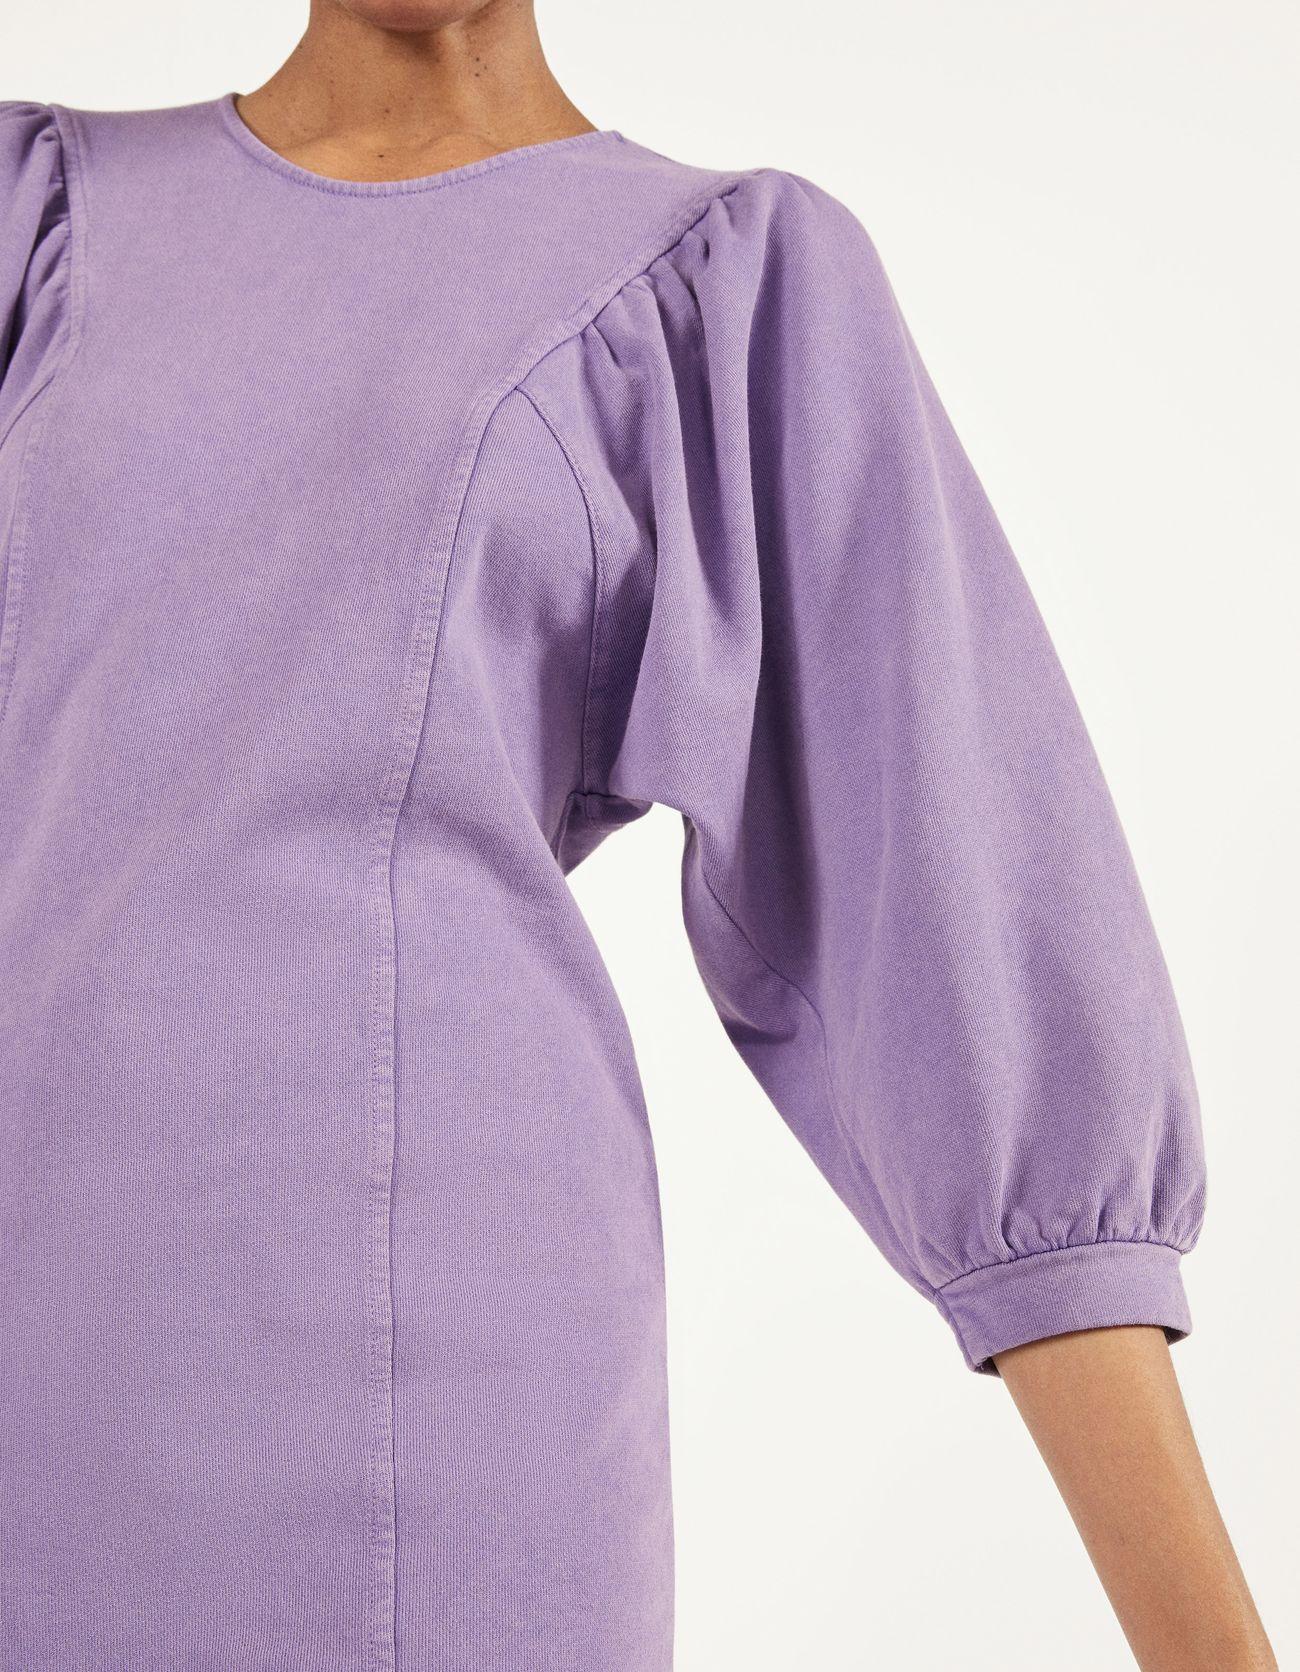 Платье из мягкой ткани с объемными рукавами Фиолетовый Bershka